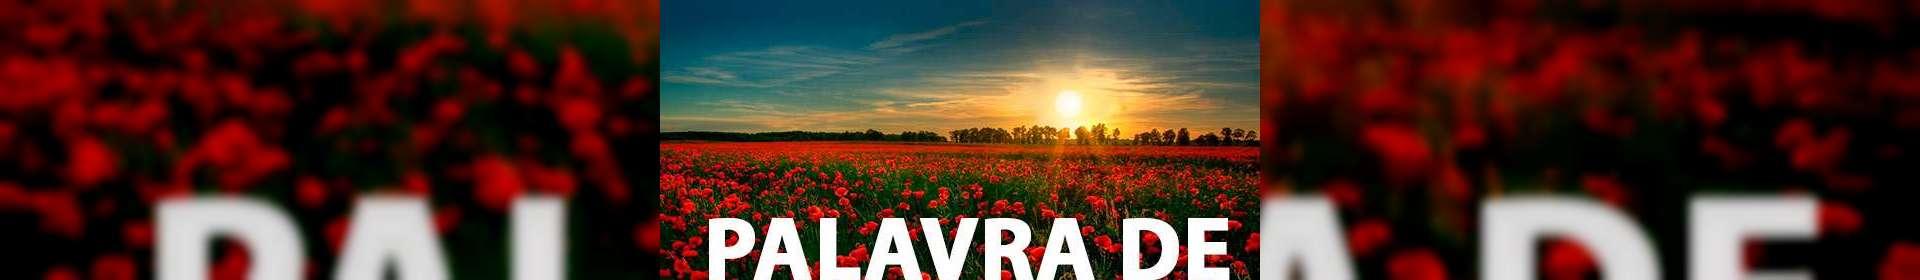 Apocalipse 19:9 - Uma Palavra de Esperança para sua vida